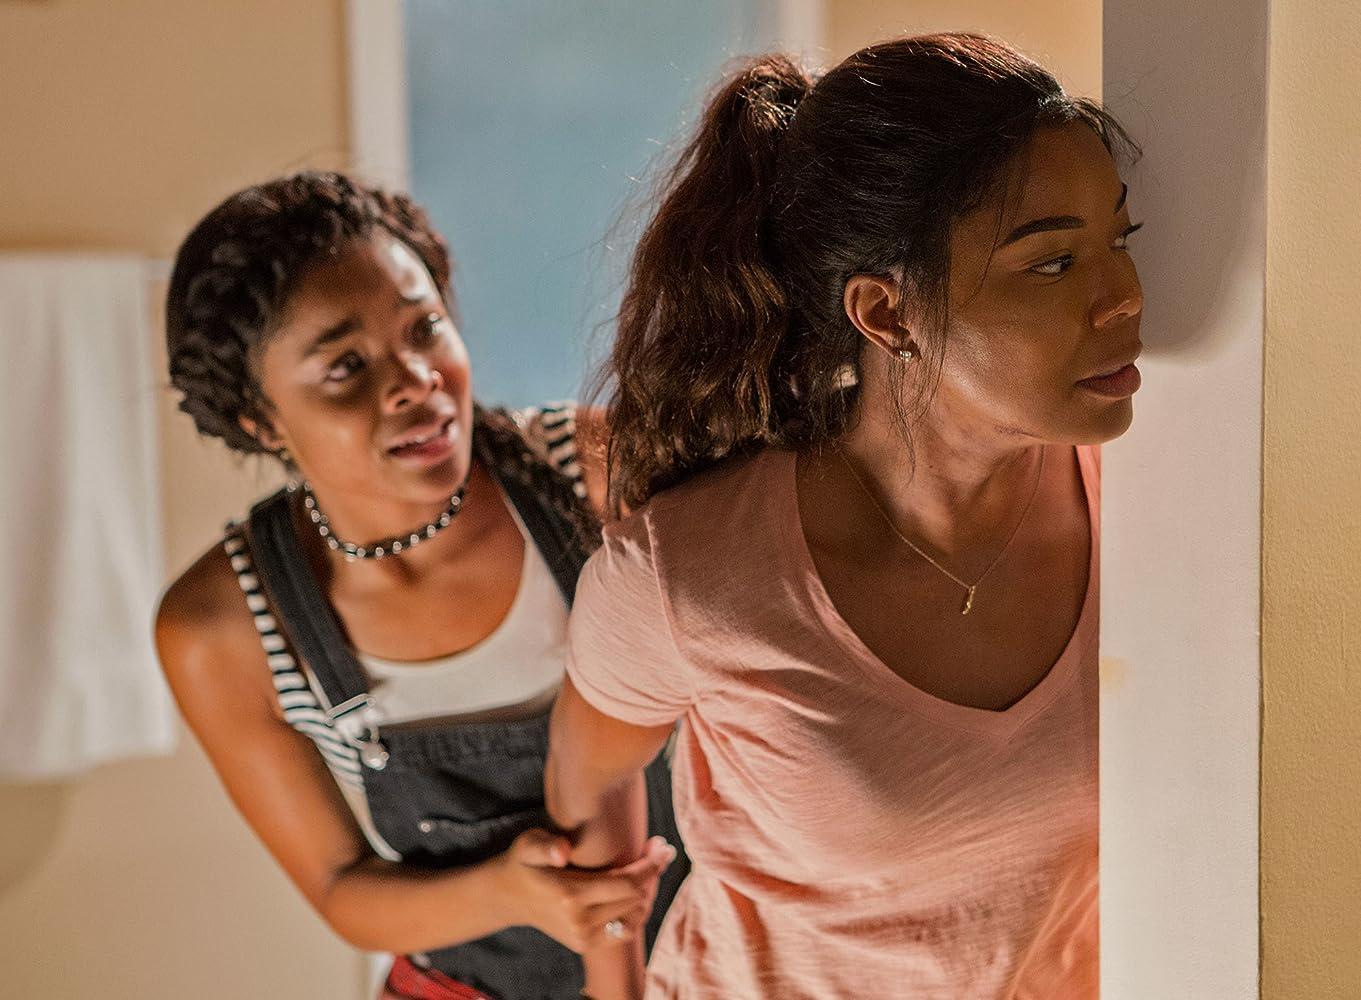 Breaking In valt in de categorie van films dat de afgelopen jaren weinig wordt gemaakt